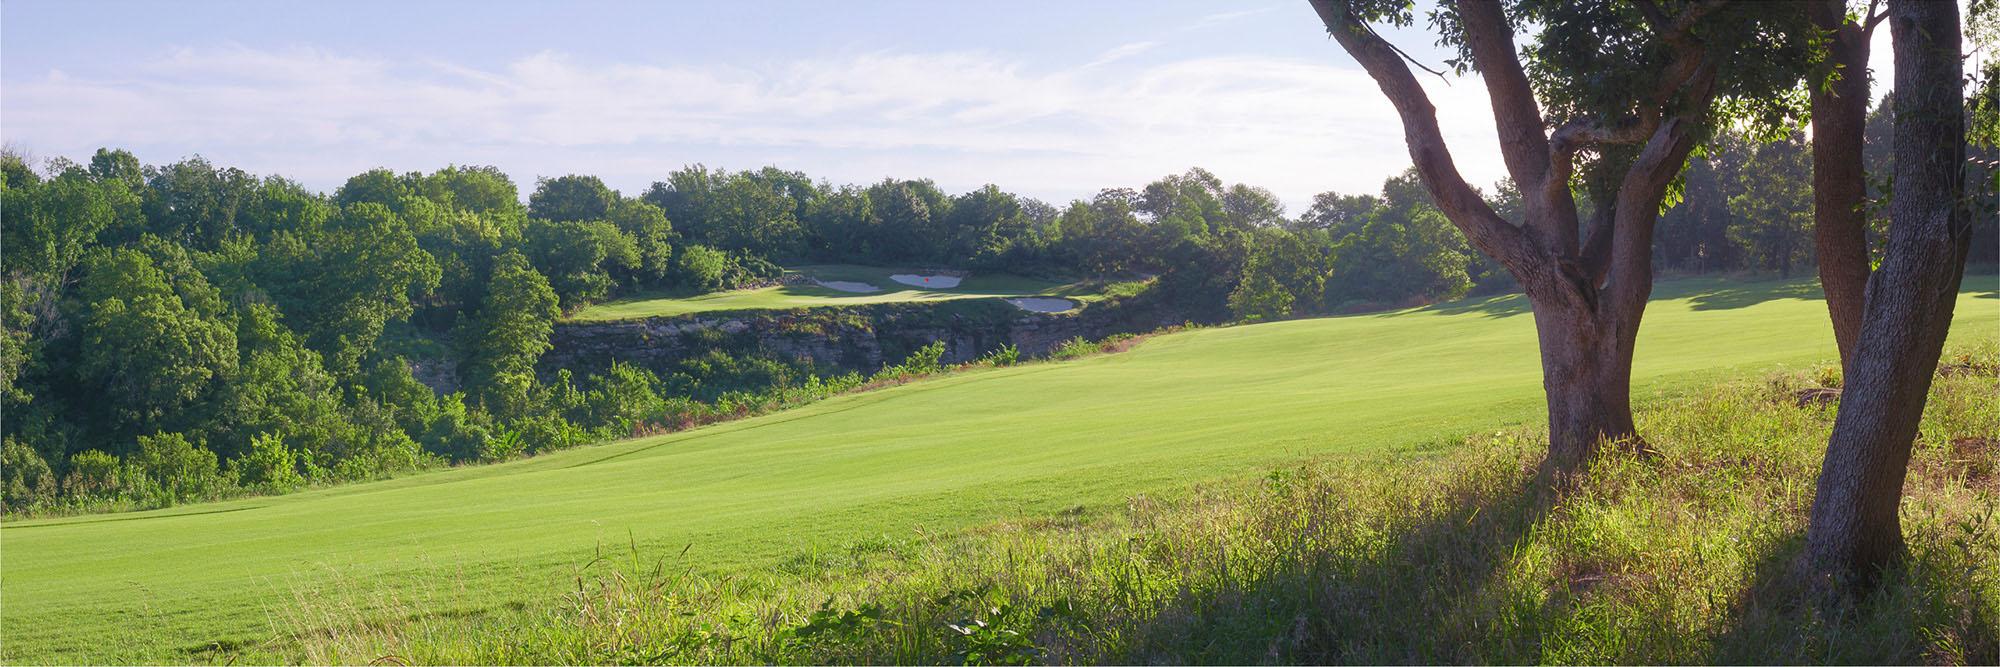 Golf Course Image - Patriot No. 18